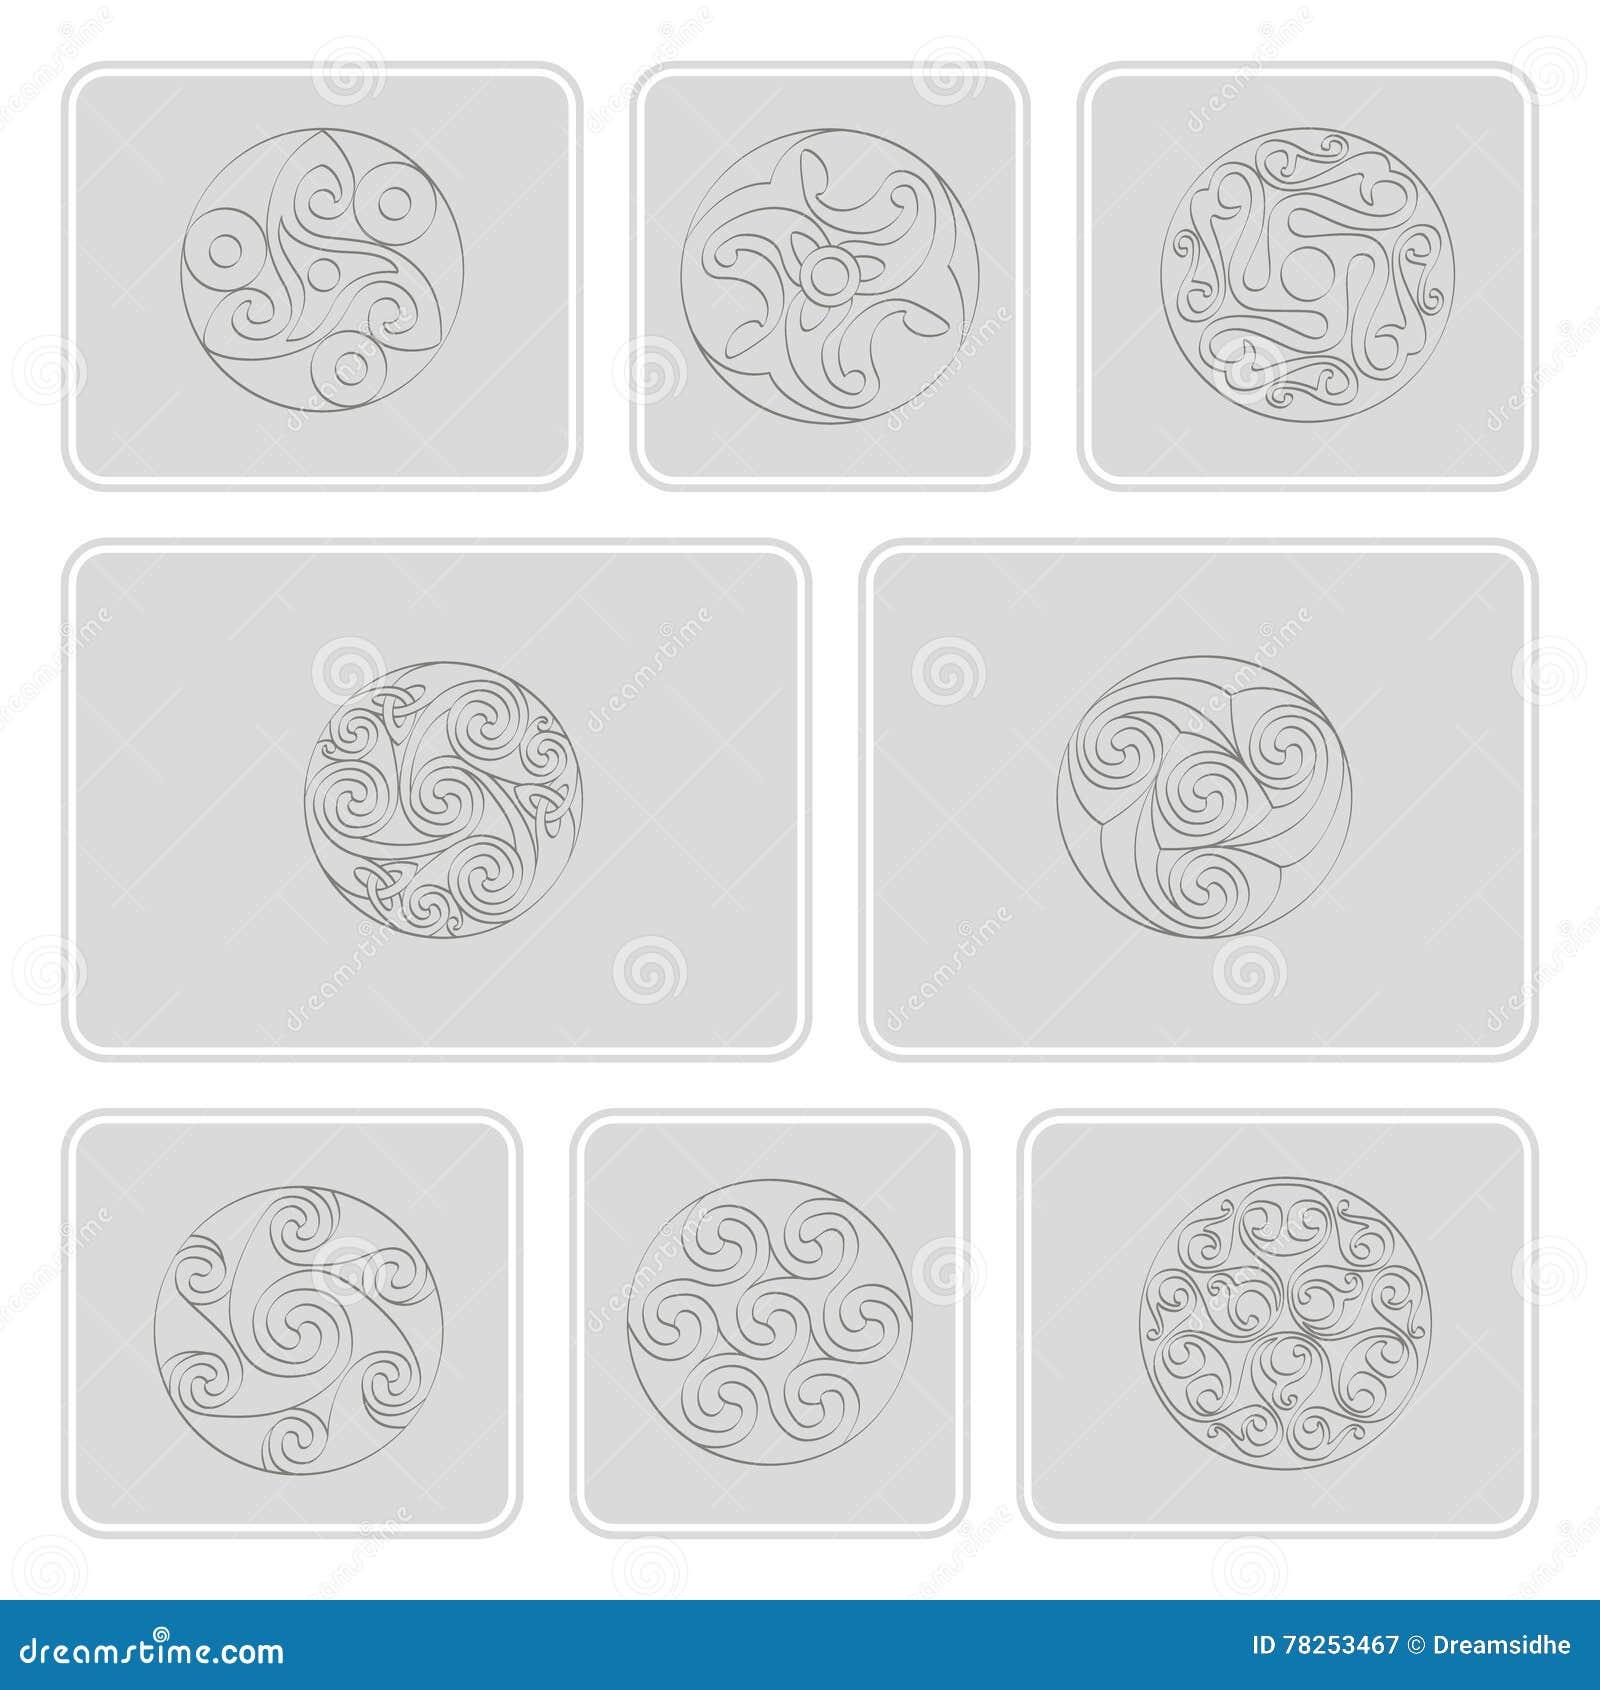 Σύνολο μονοχρωματικών εικονιδίων με την ιρλανδική γεωμετρική διακόσμηση